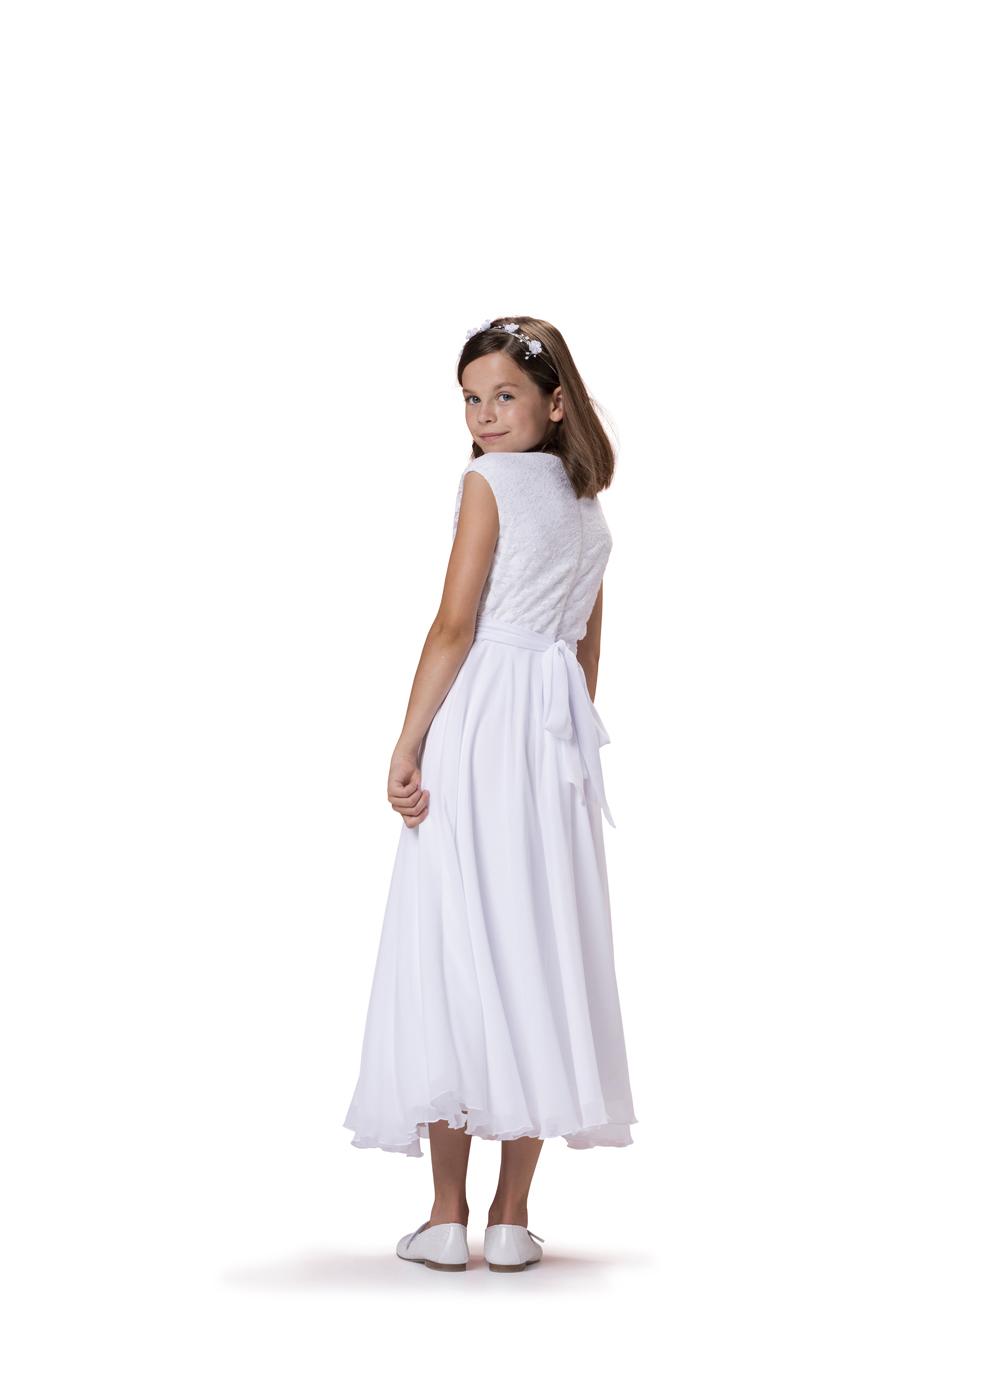 Kommunionkleid mit Spitze und Chiffon  von Biancorella - Modell 520090. Klassisches Kleid mit weitem Chiffonrock und elegantem Spitzenoberteil. Rückenansicht.